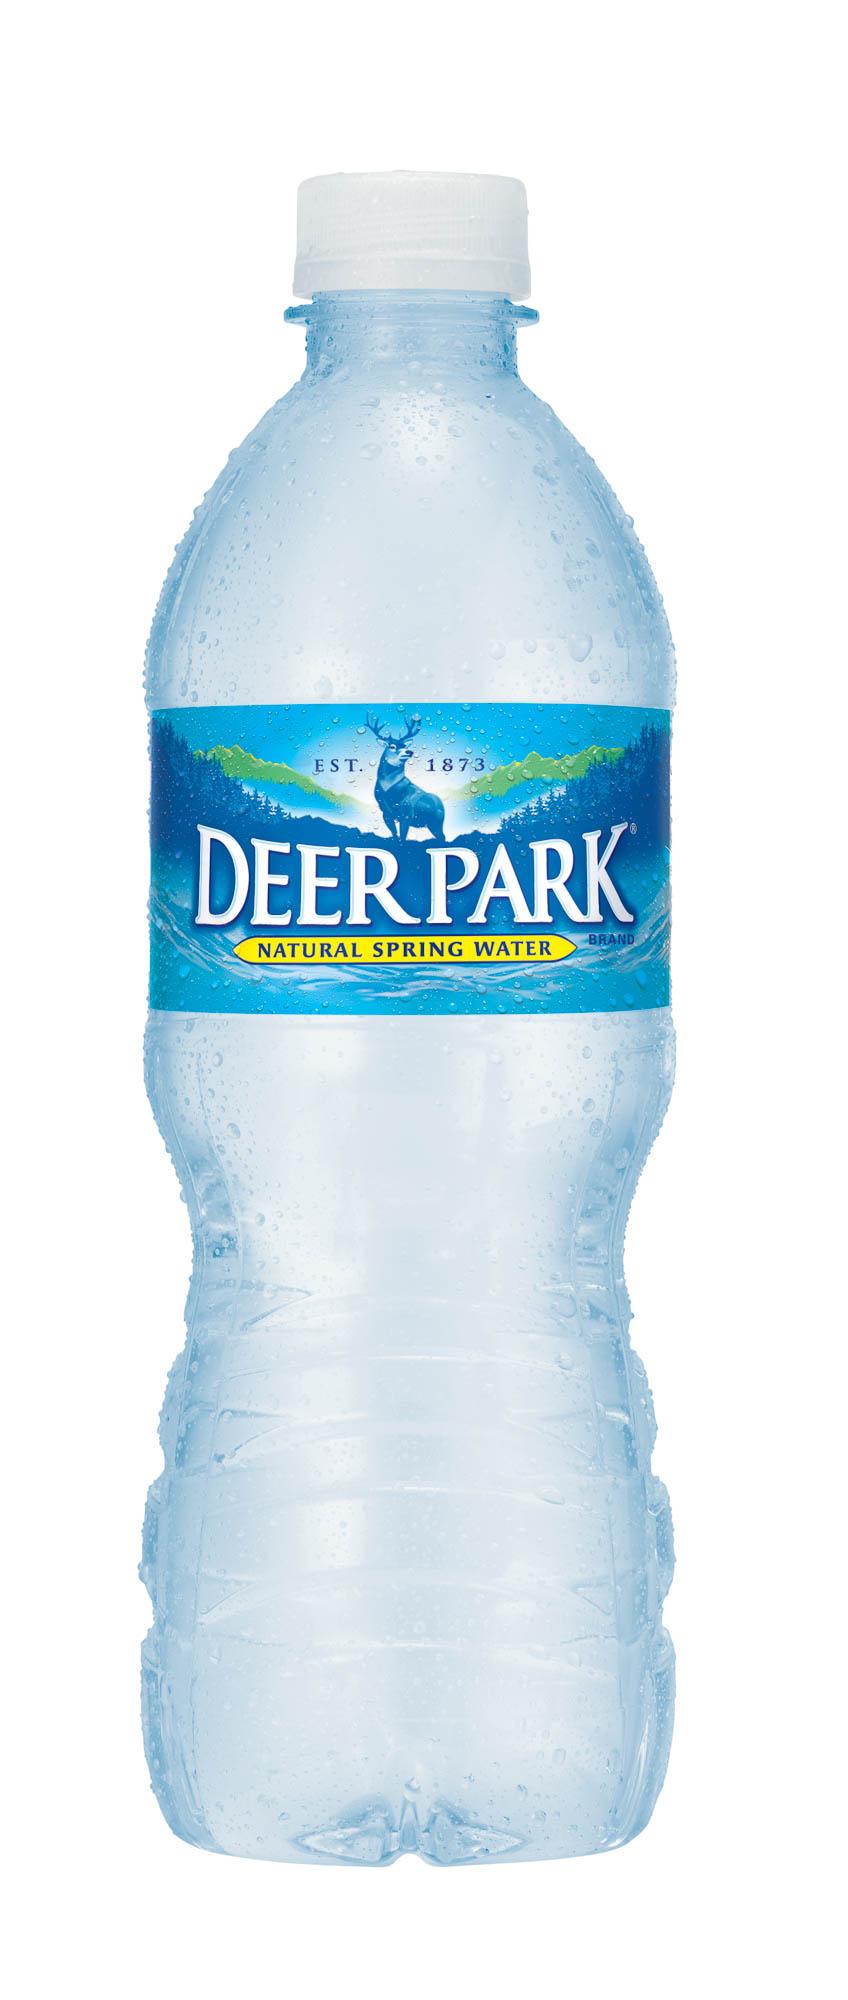 DeerPark_hl_eco_str_wet.jpg